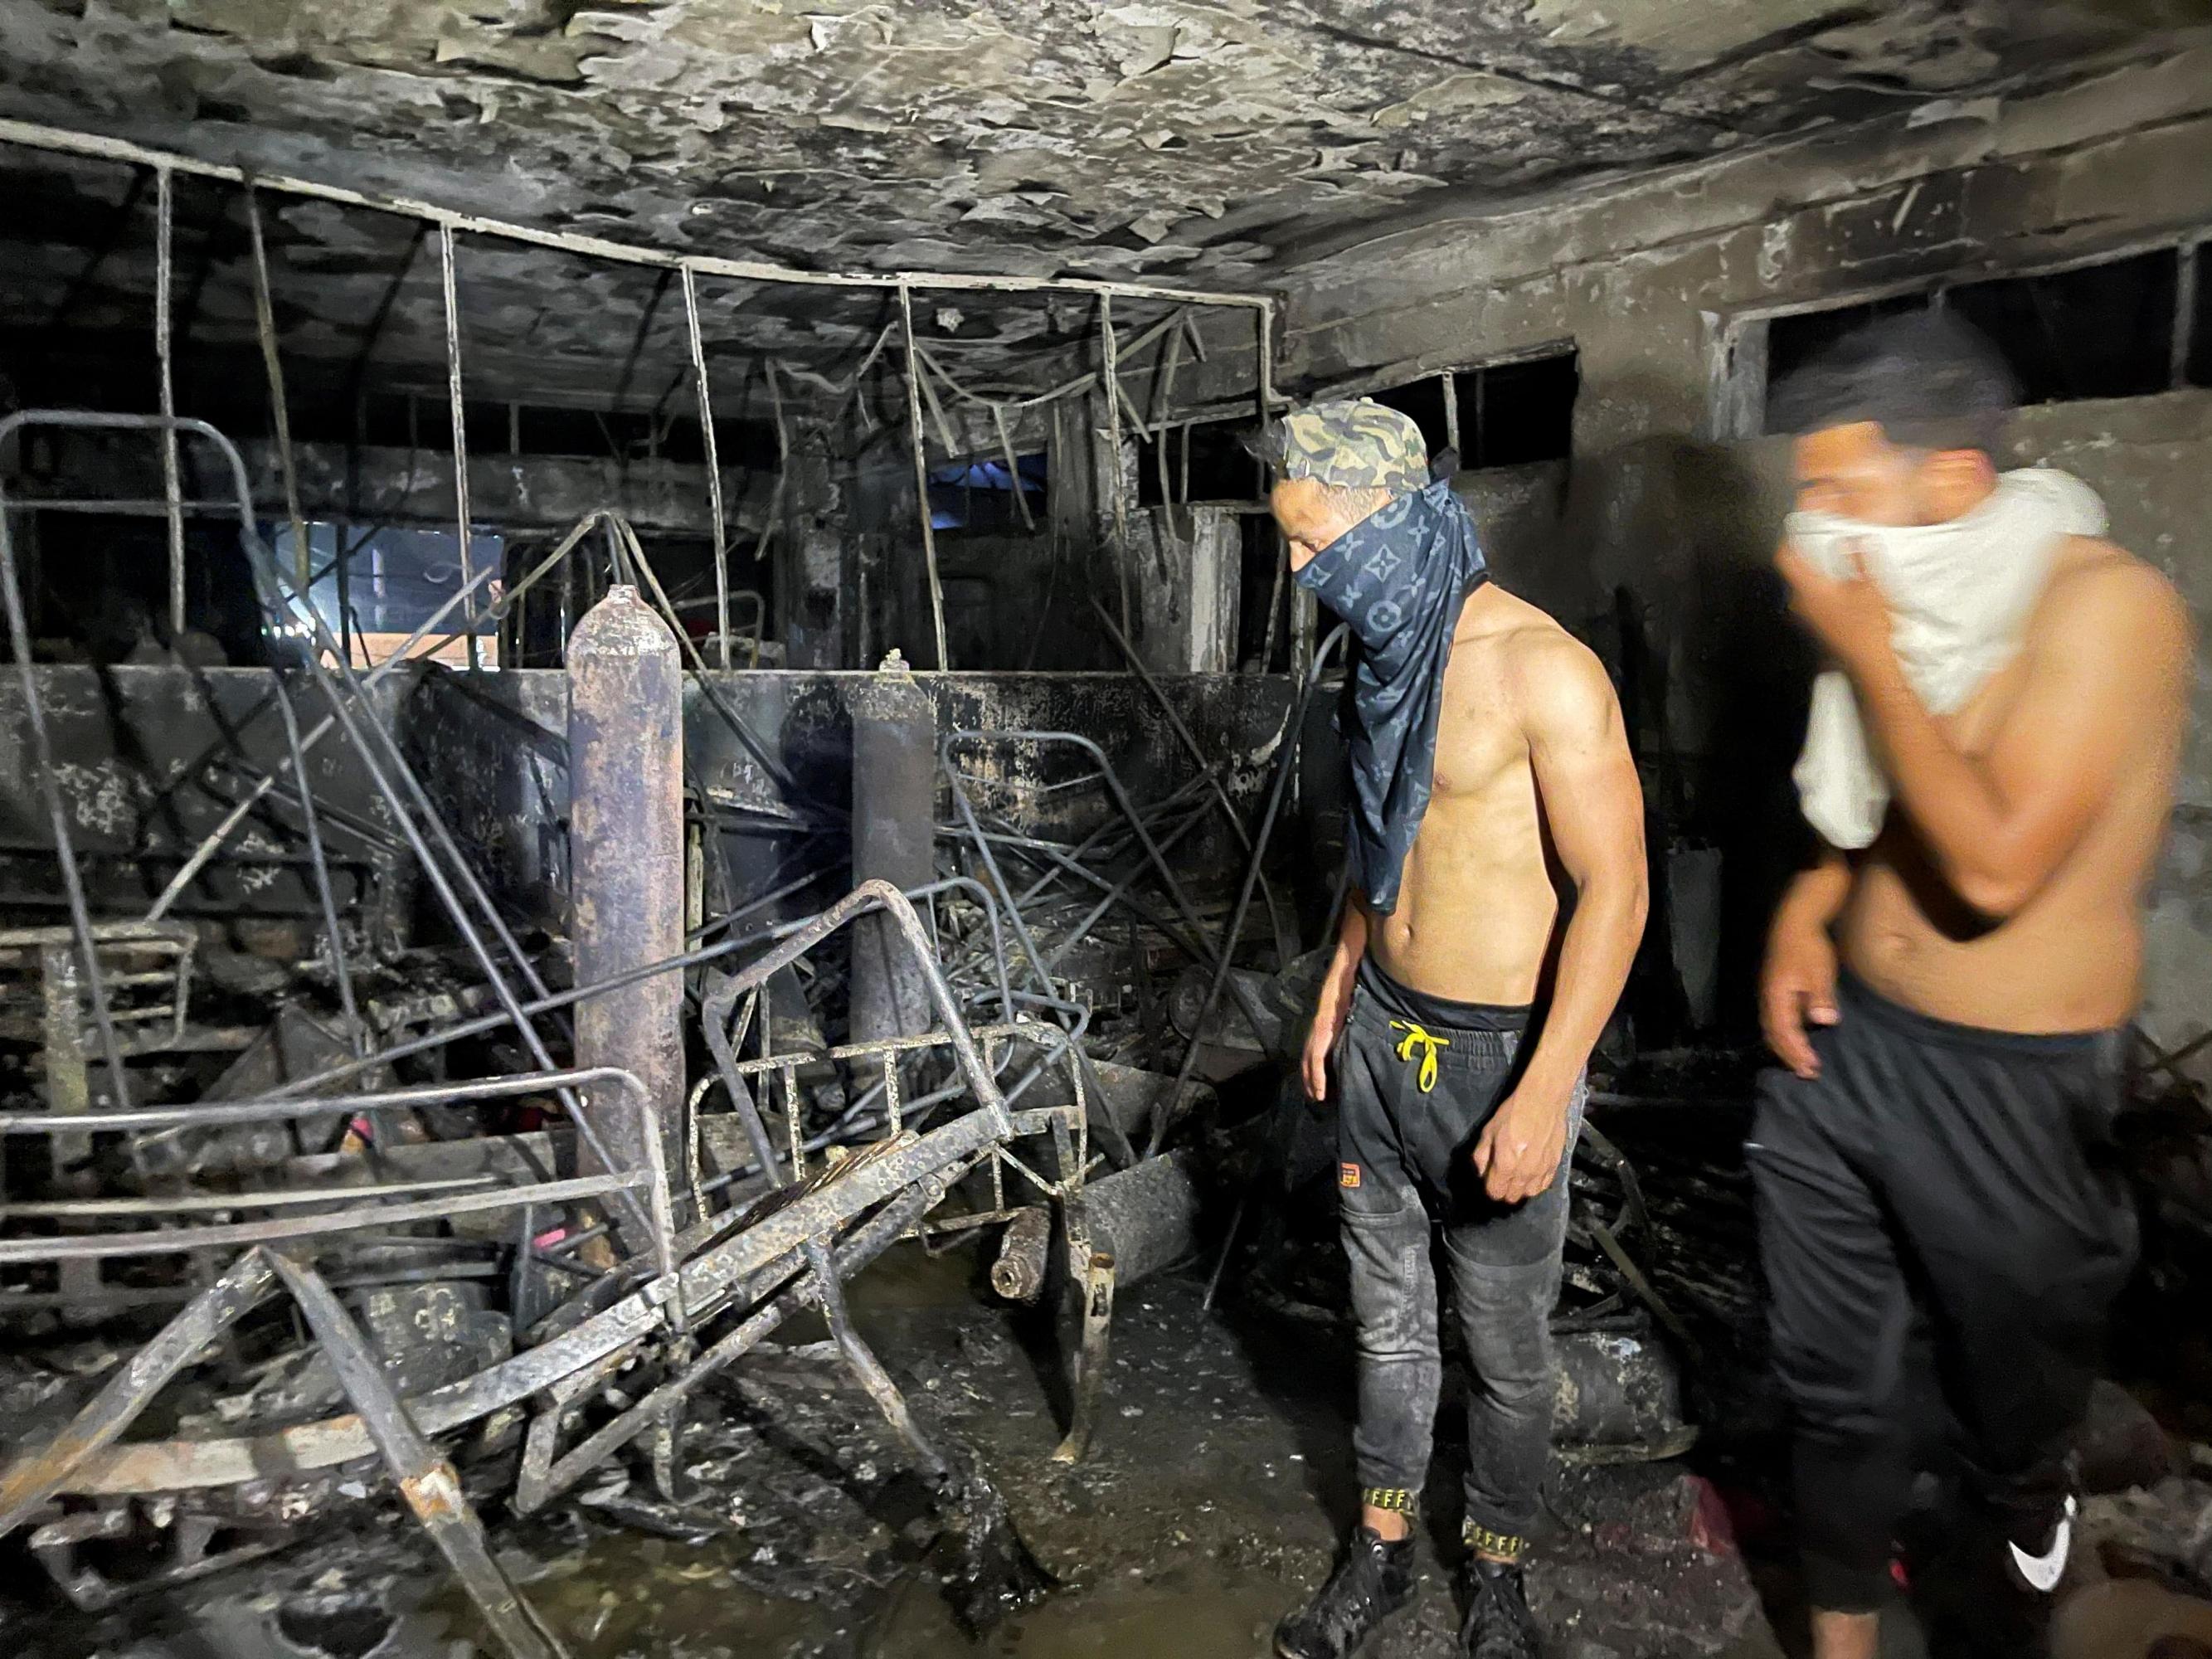 Incendio hospital Irak: Al menos 82 personas mueren en el incendio de un  hospital para pacientes de covid en Irak | Público